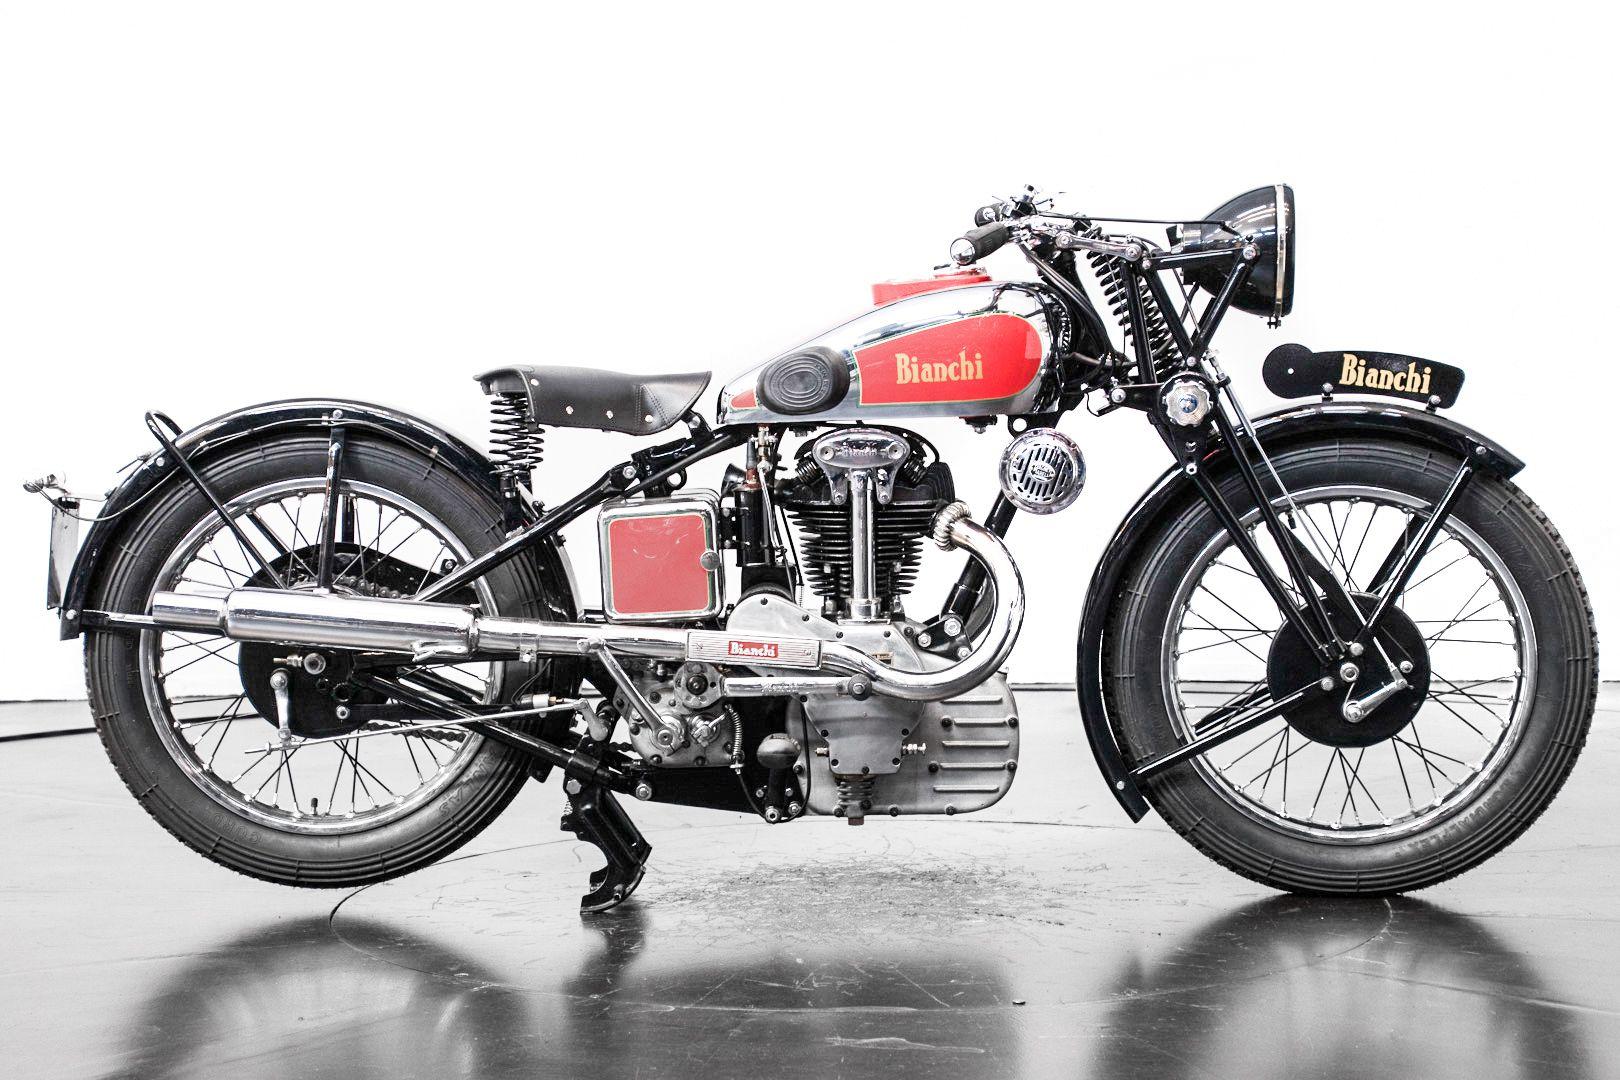 1934 Bianchi 500 Super Sport 42543